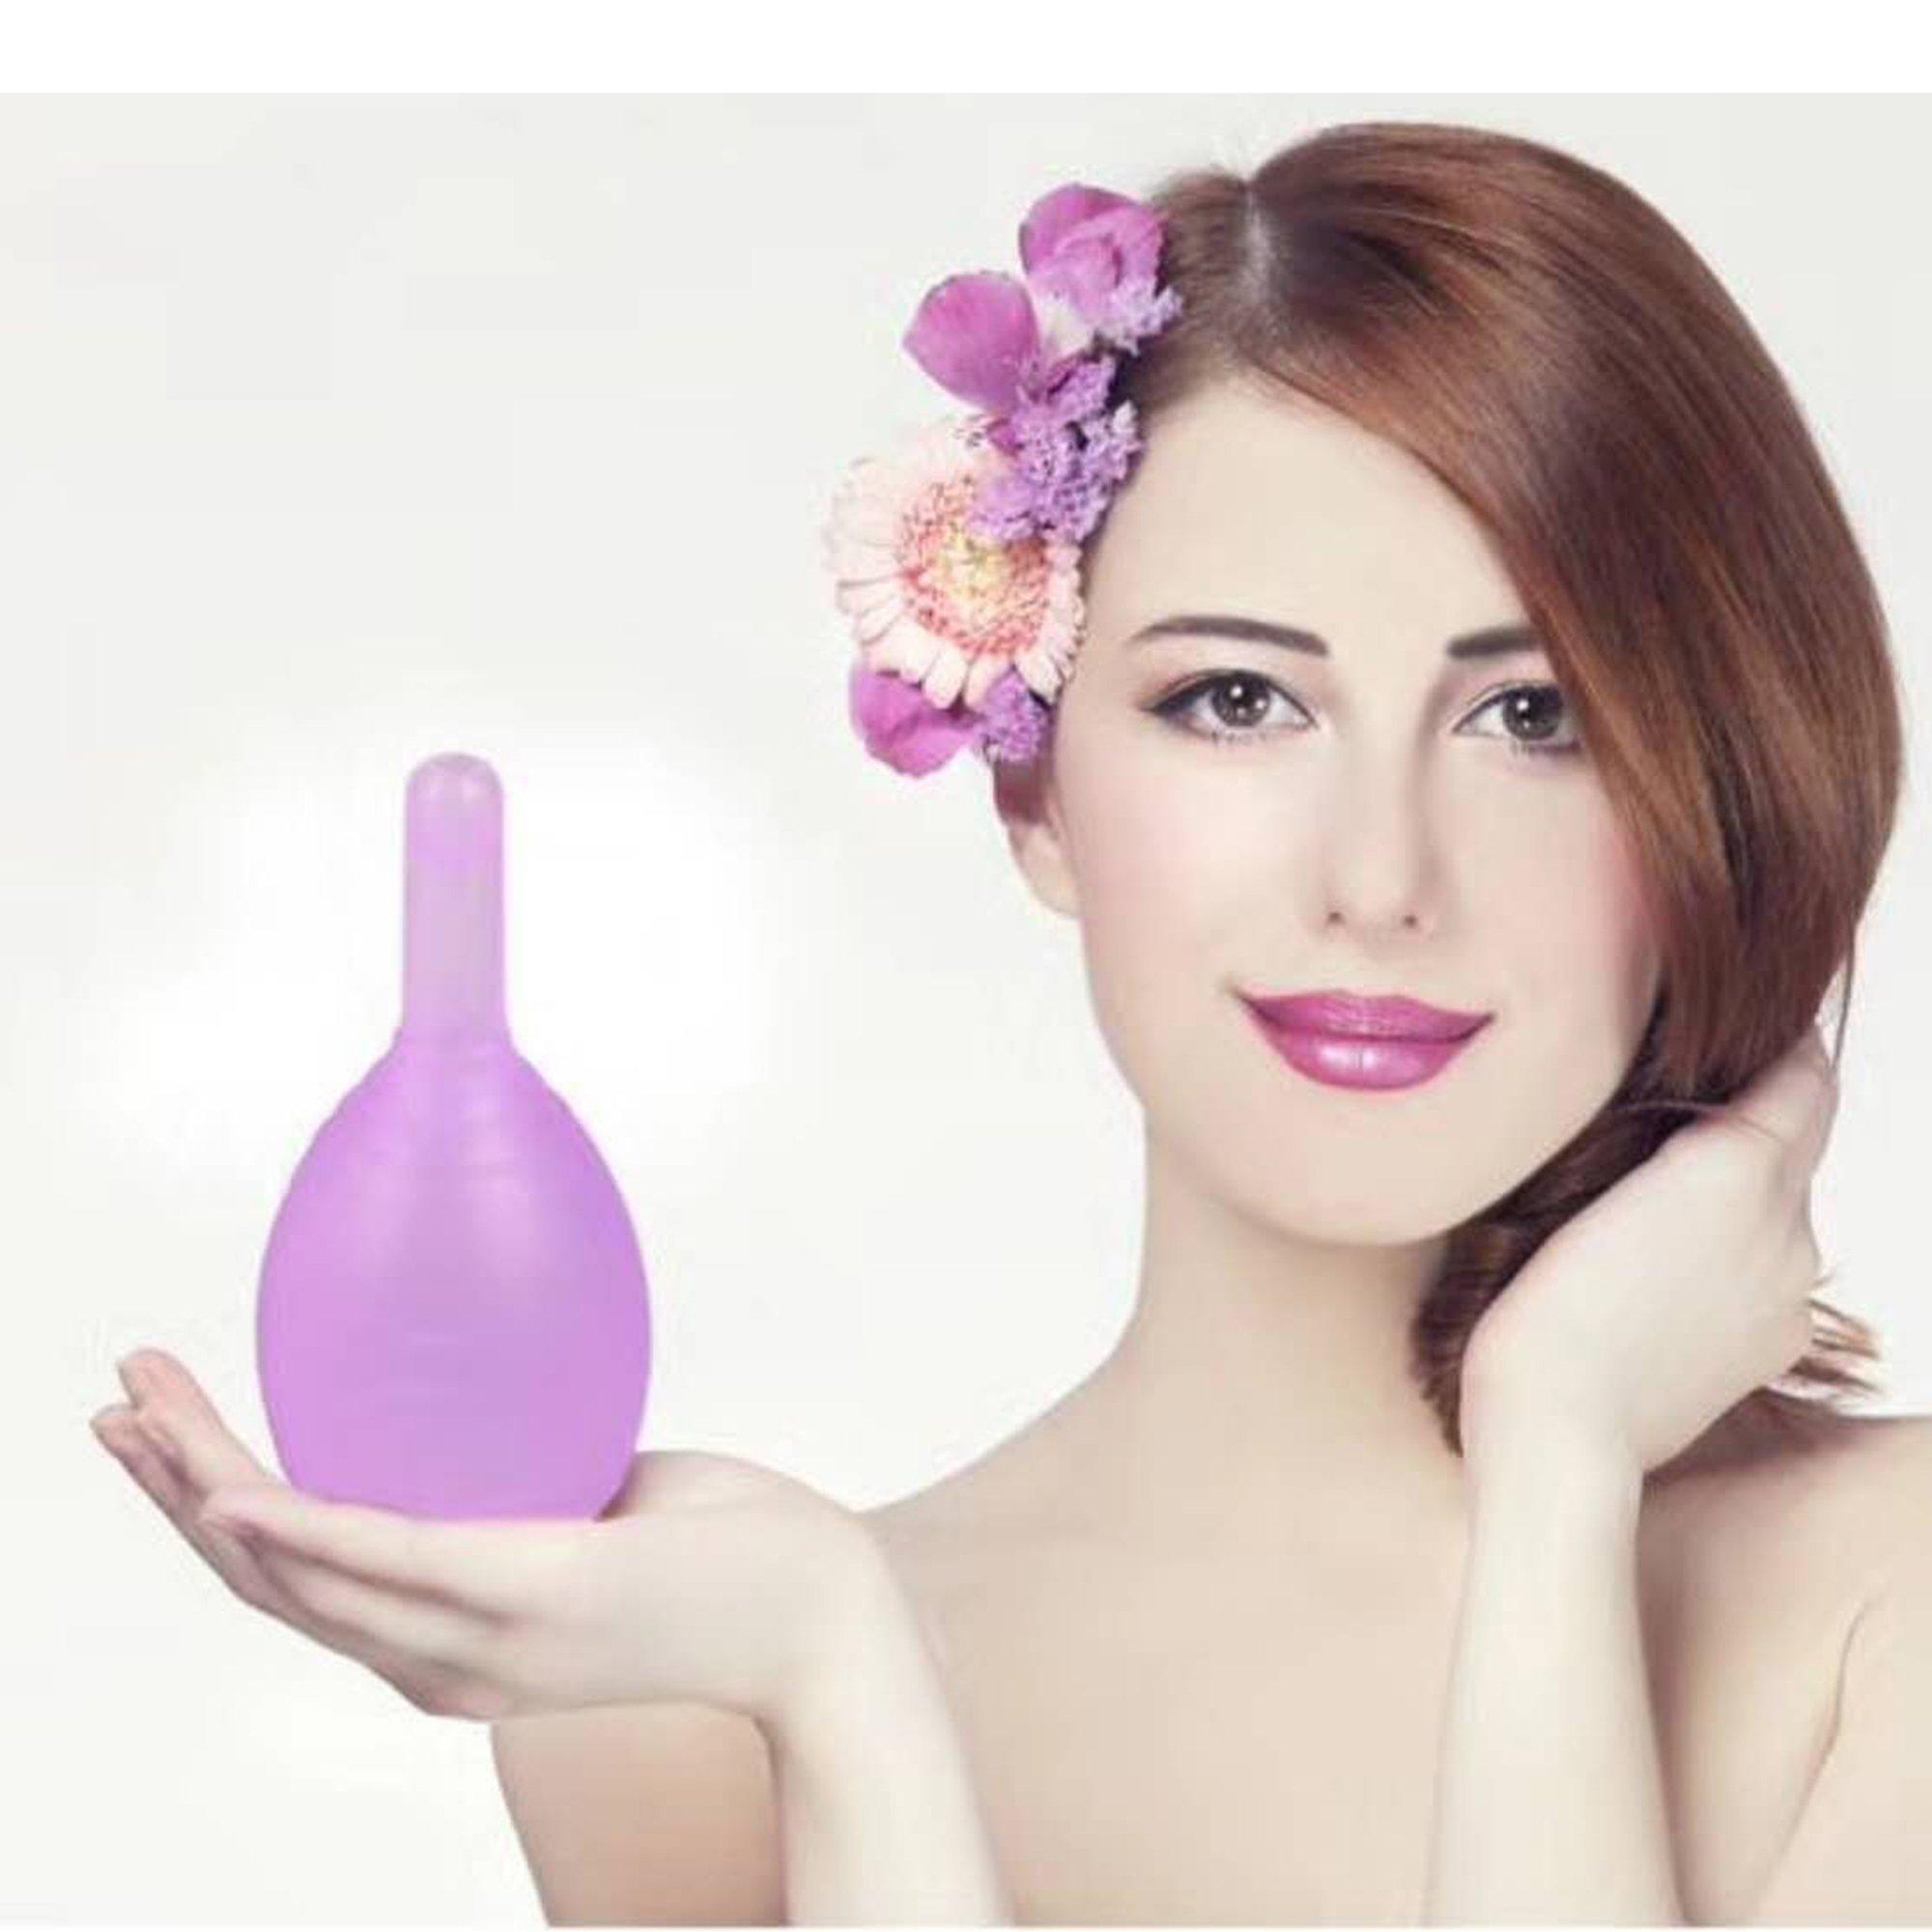 ViiNA YA Copa menstrual de Silicona Grado Médico, con descarga de la válvula,Modelo Soft, Embalaje aséptico (L)